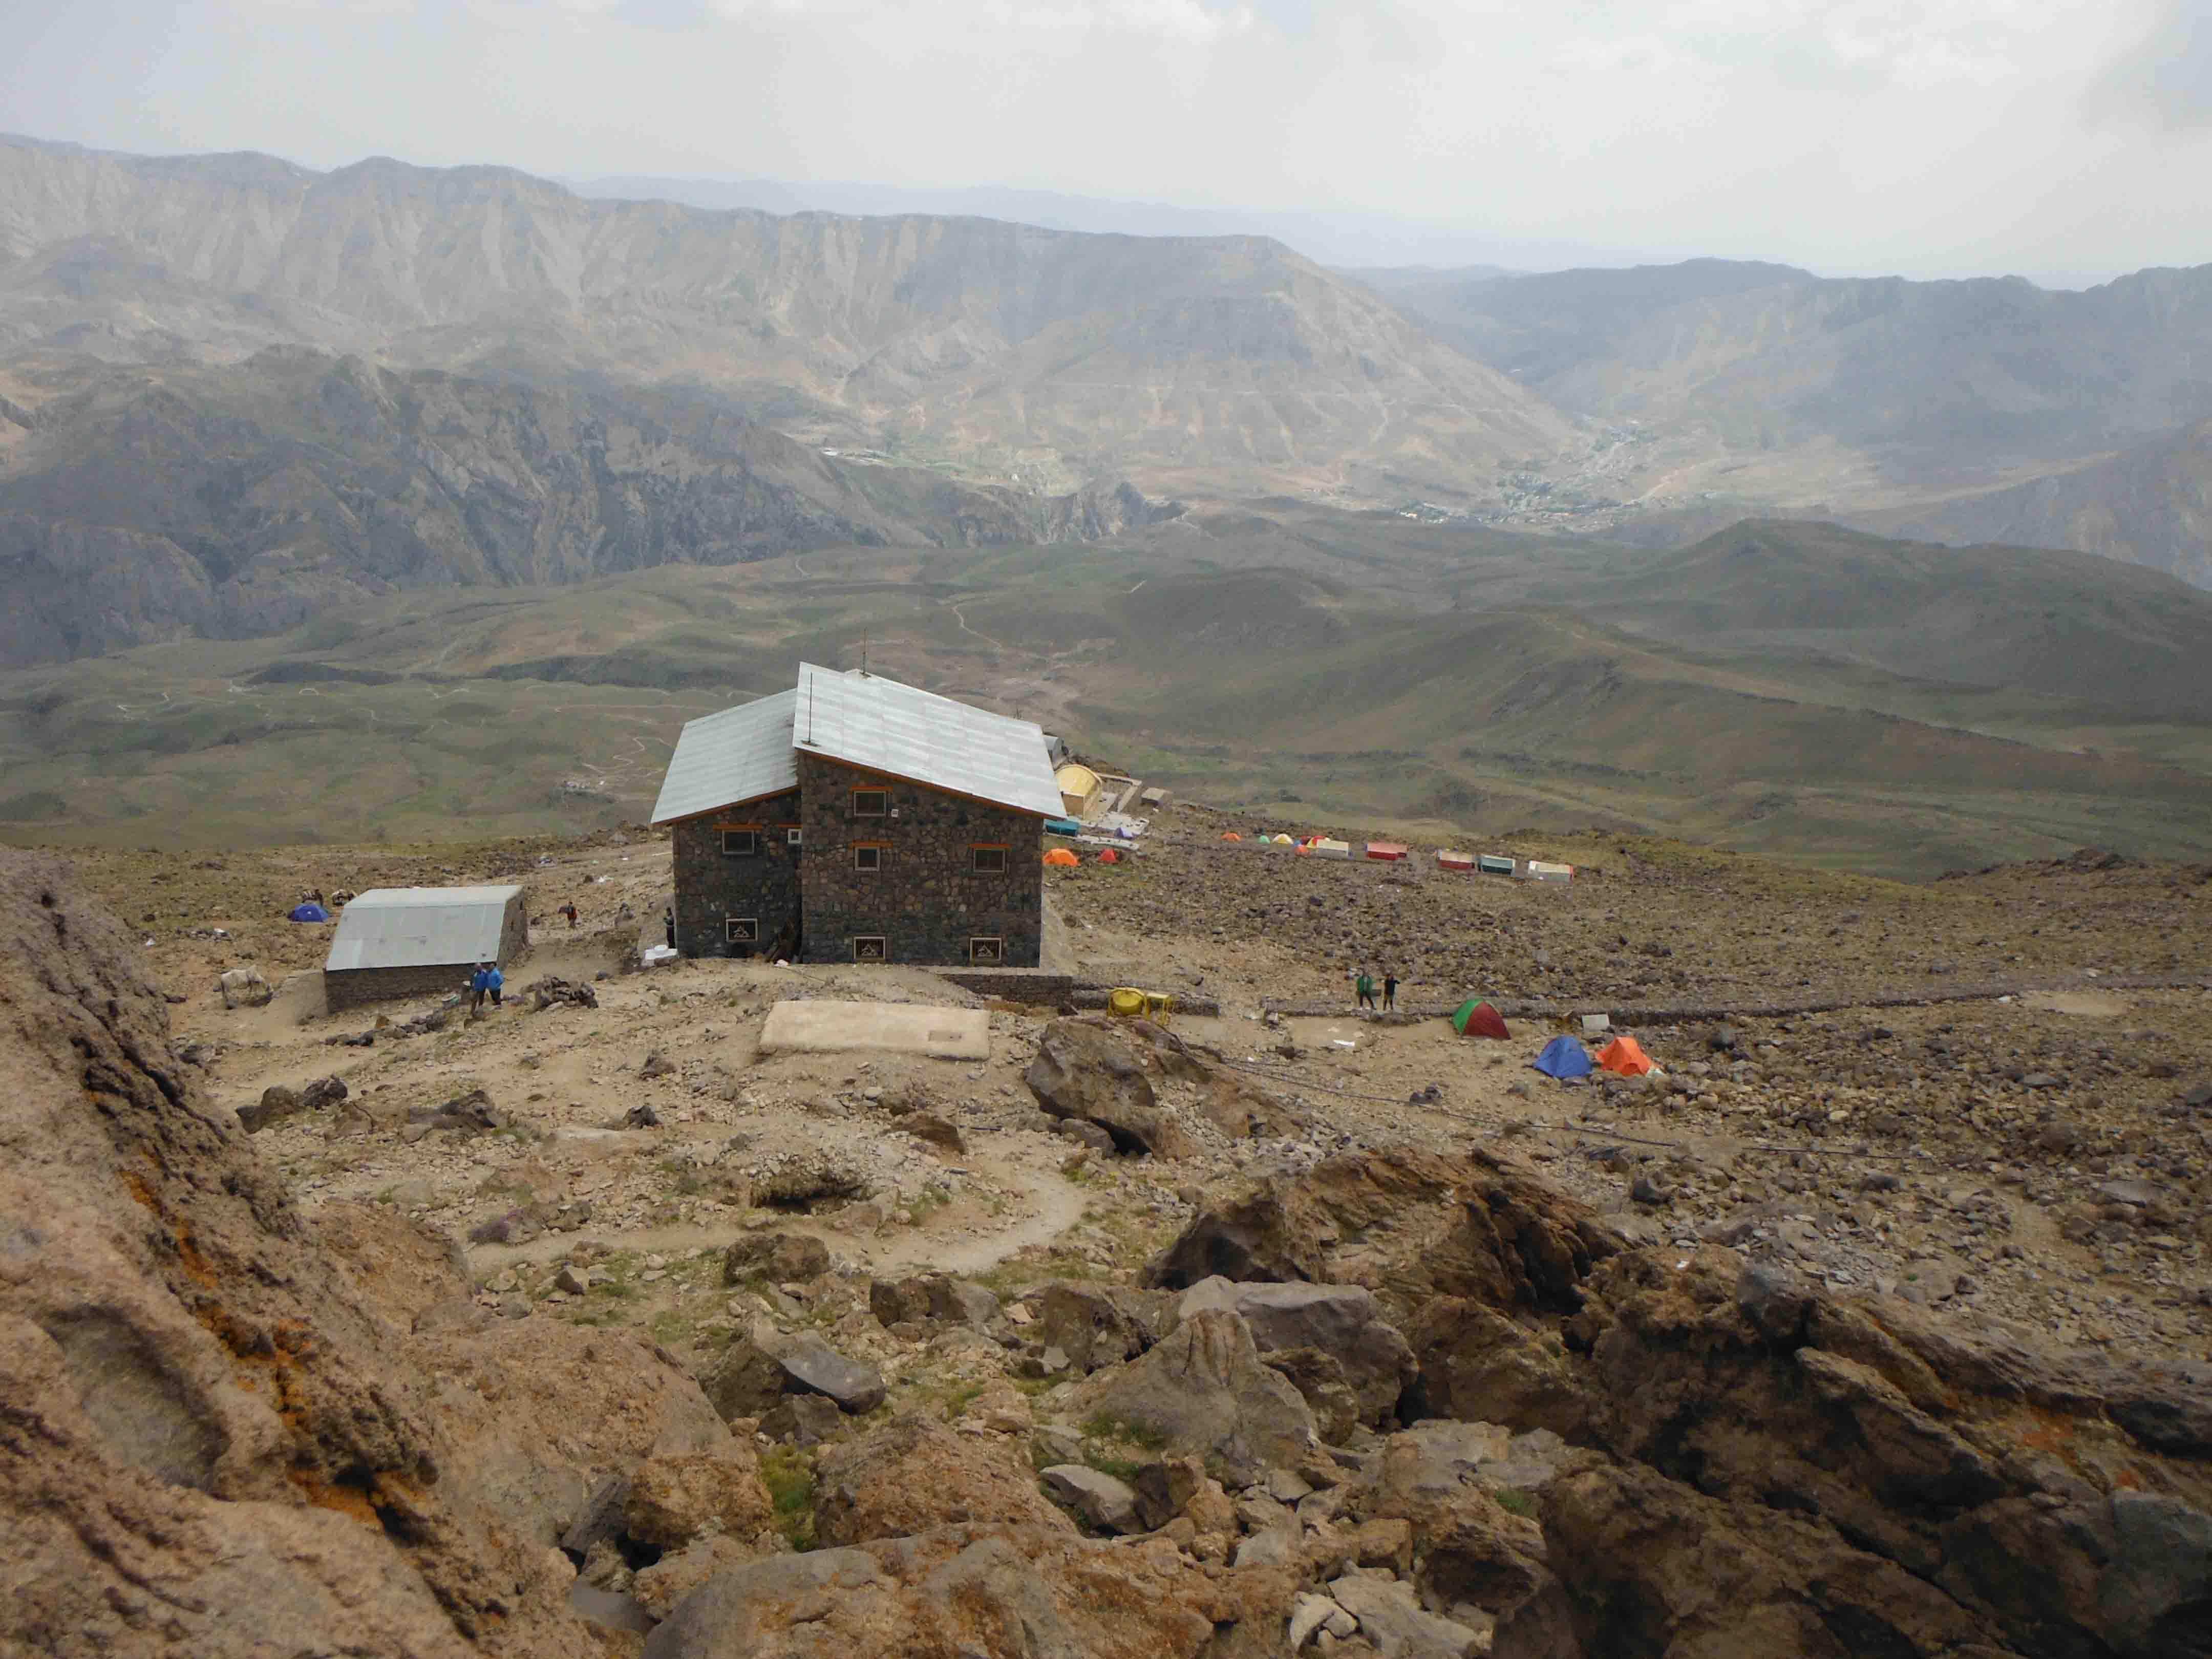 صعود قله دماوند از جبهه ی جنوبی (رینه)12 تیر 1394